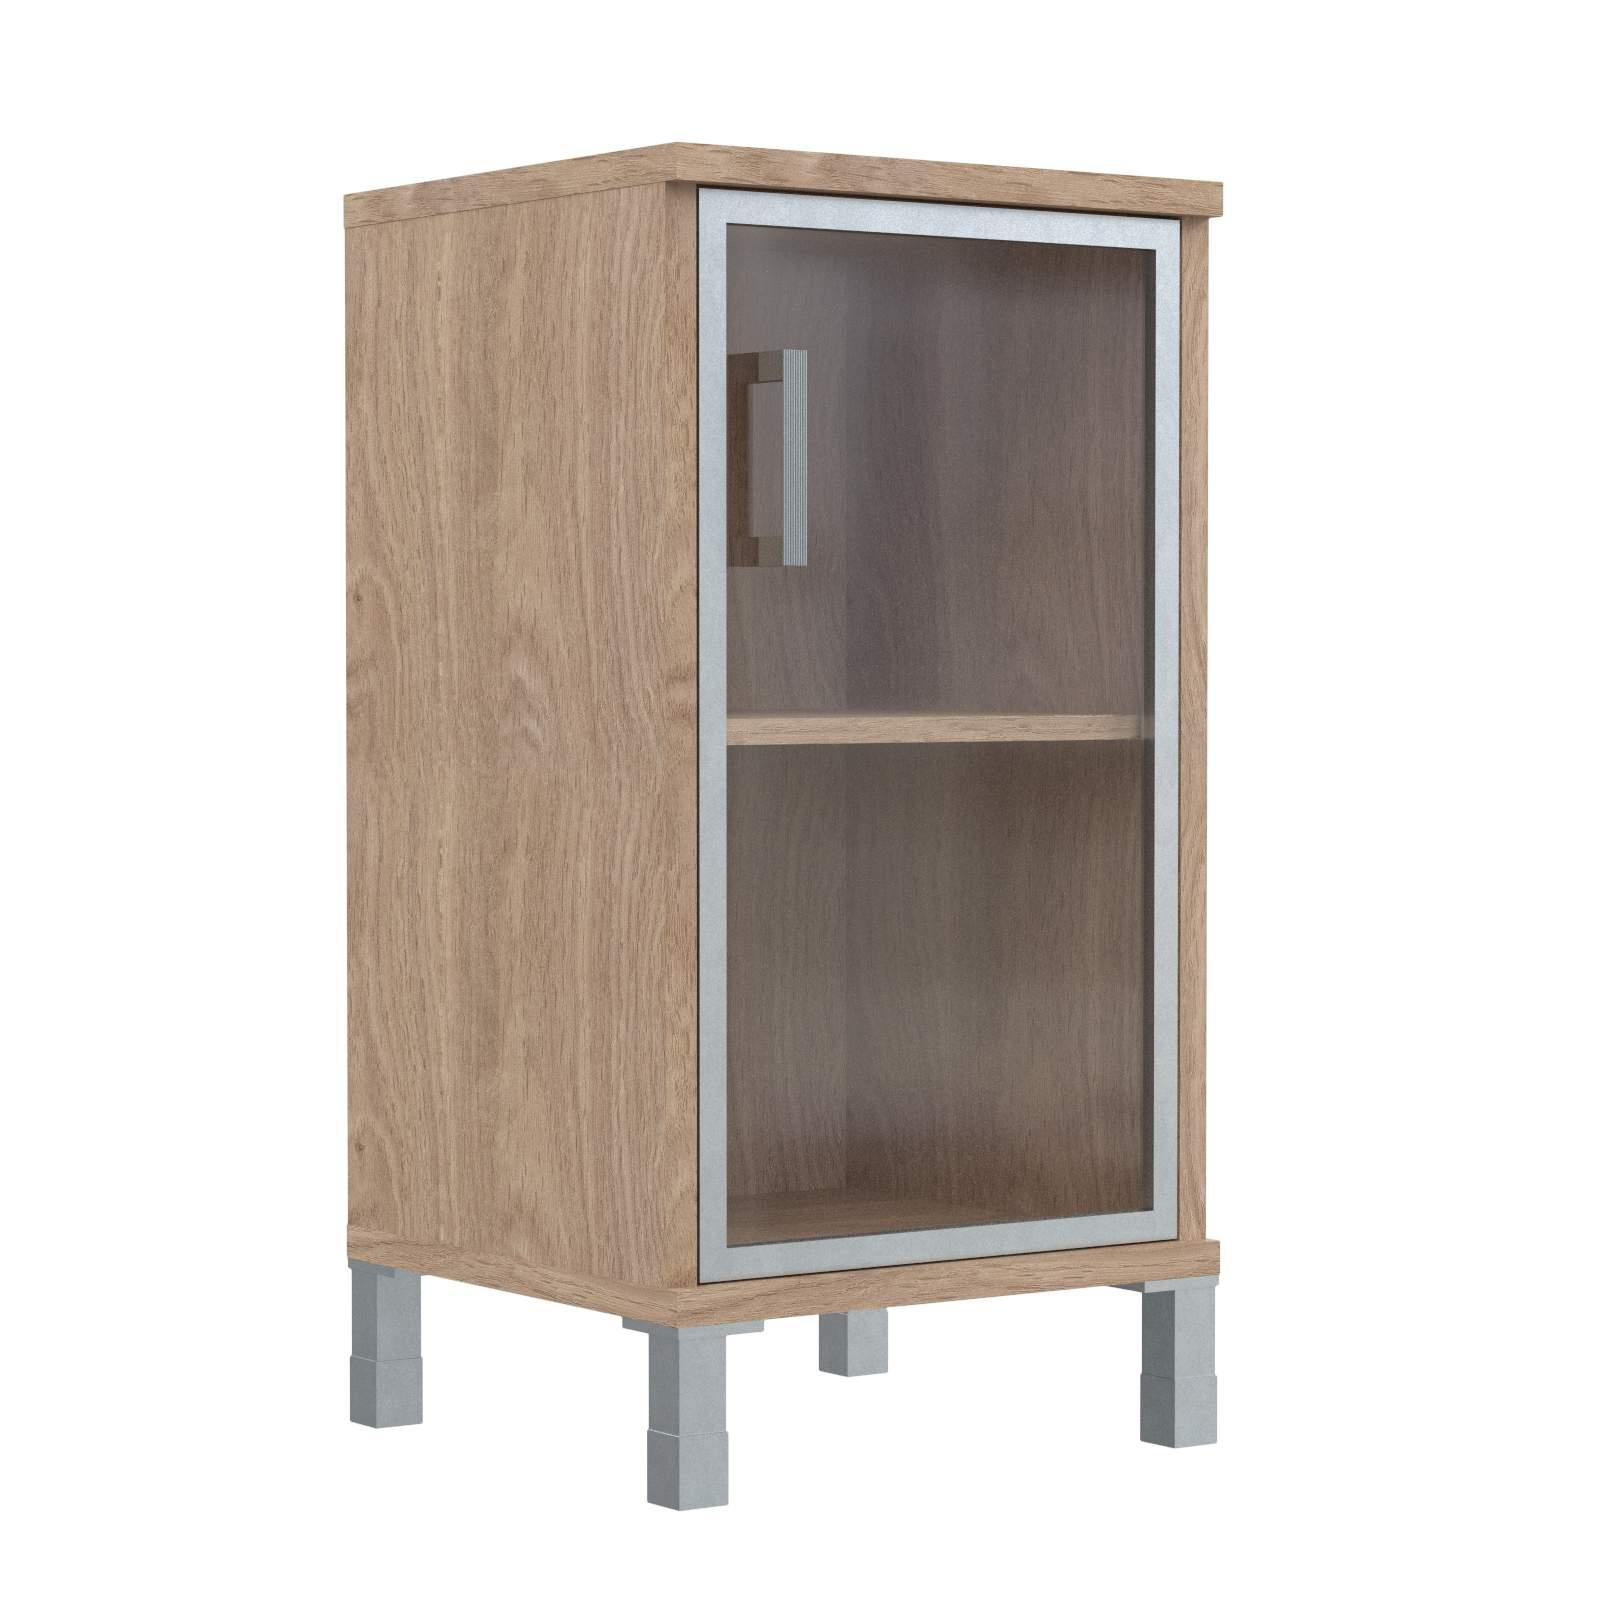 Шкаф колонка низкая со стеклянной дверью в алюм. рамке правая 475х435х870